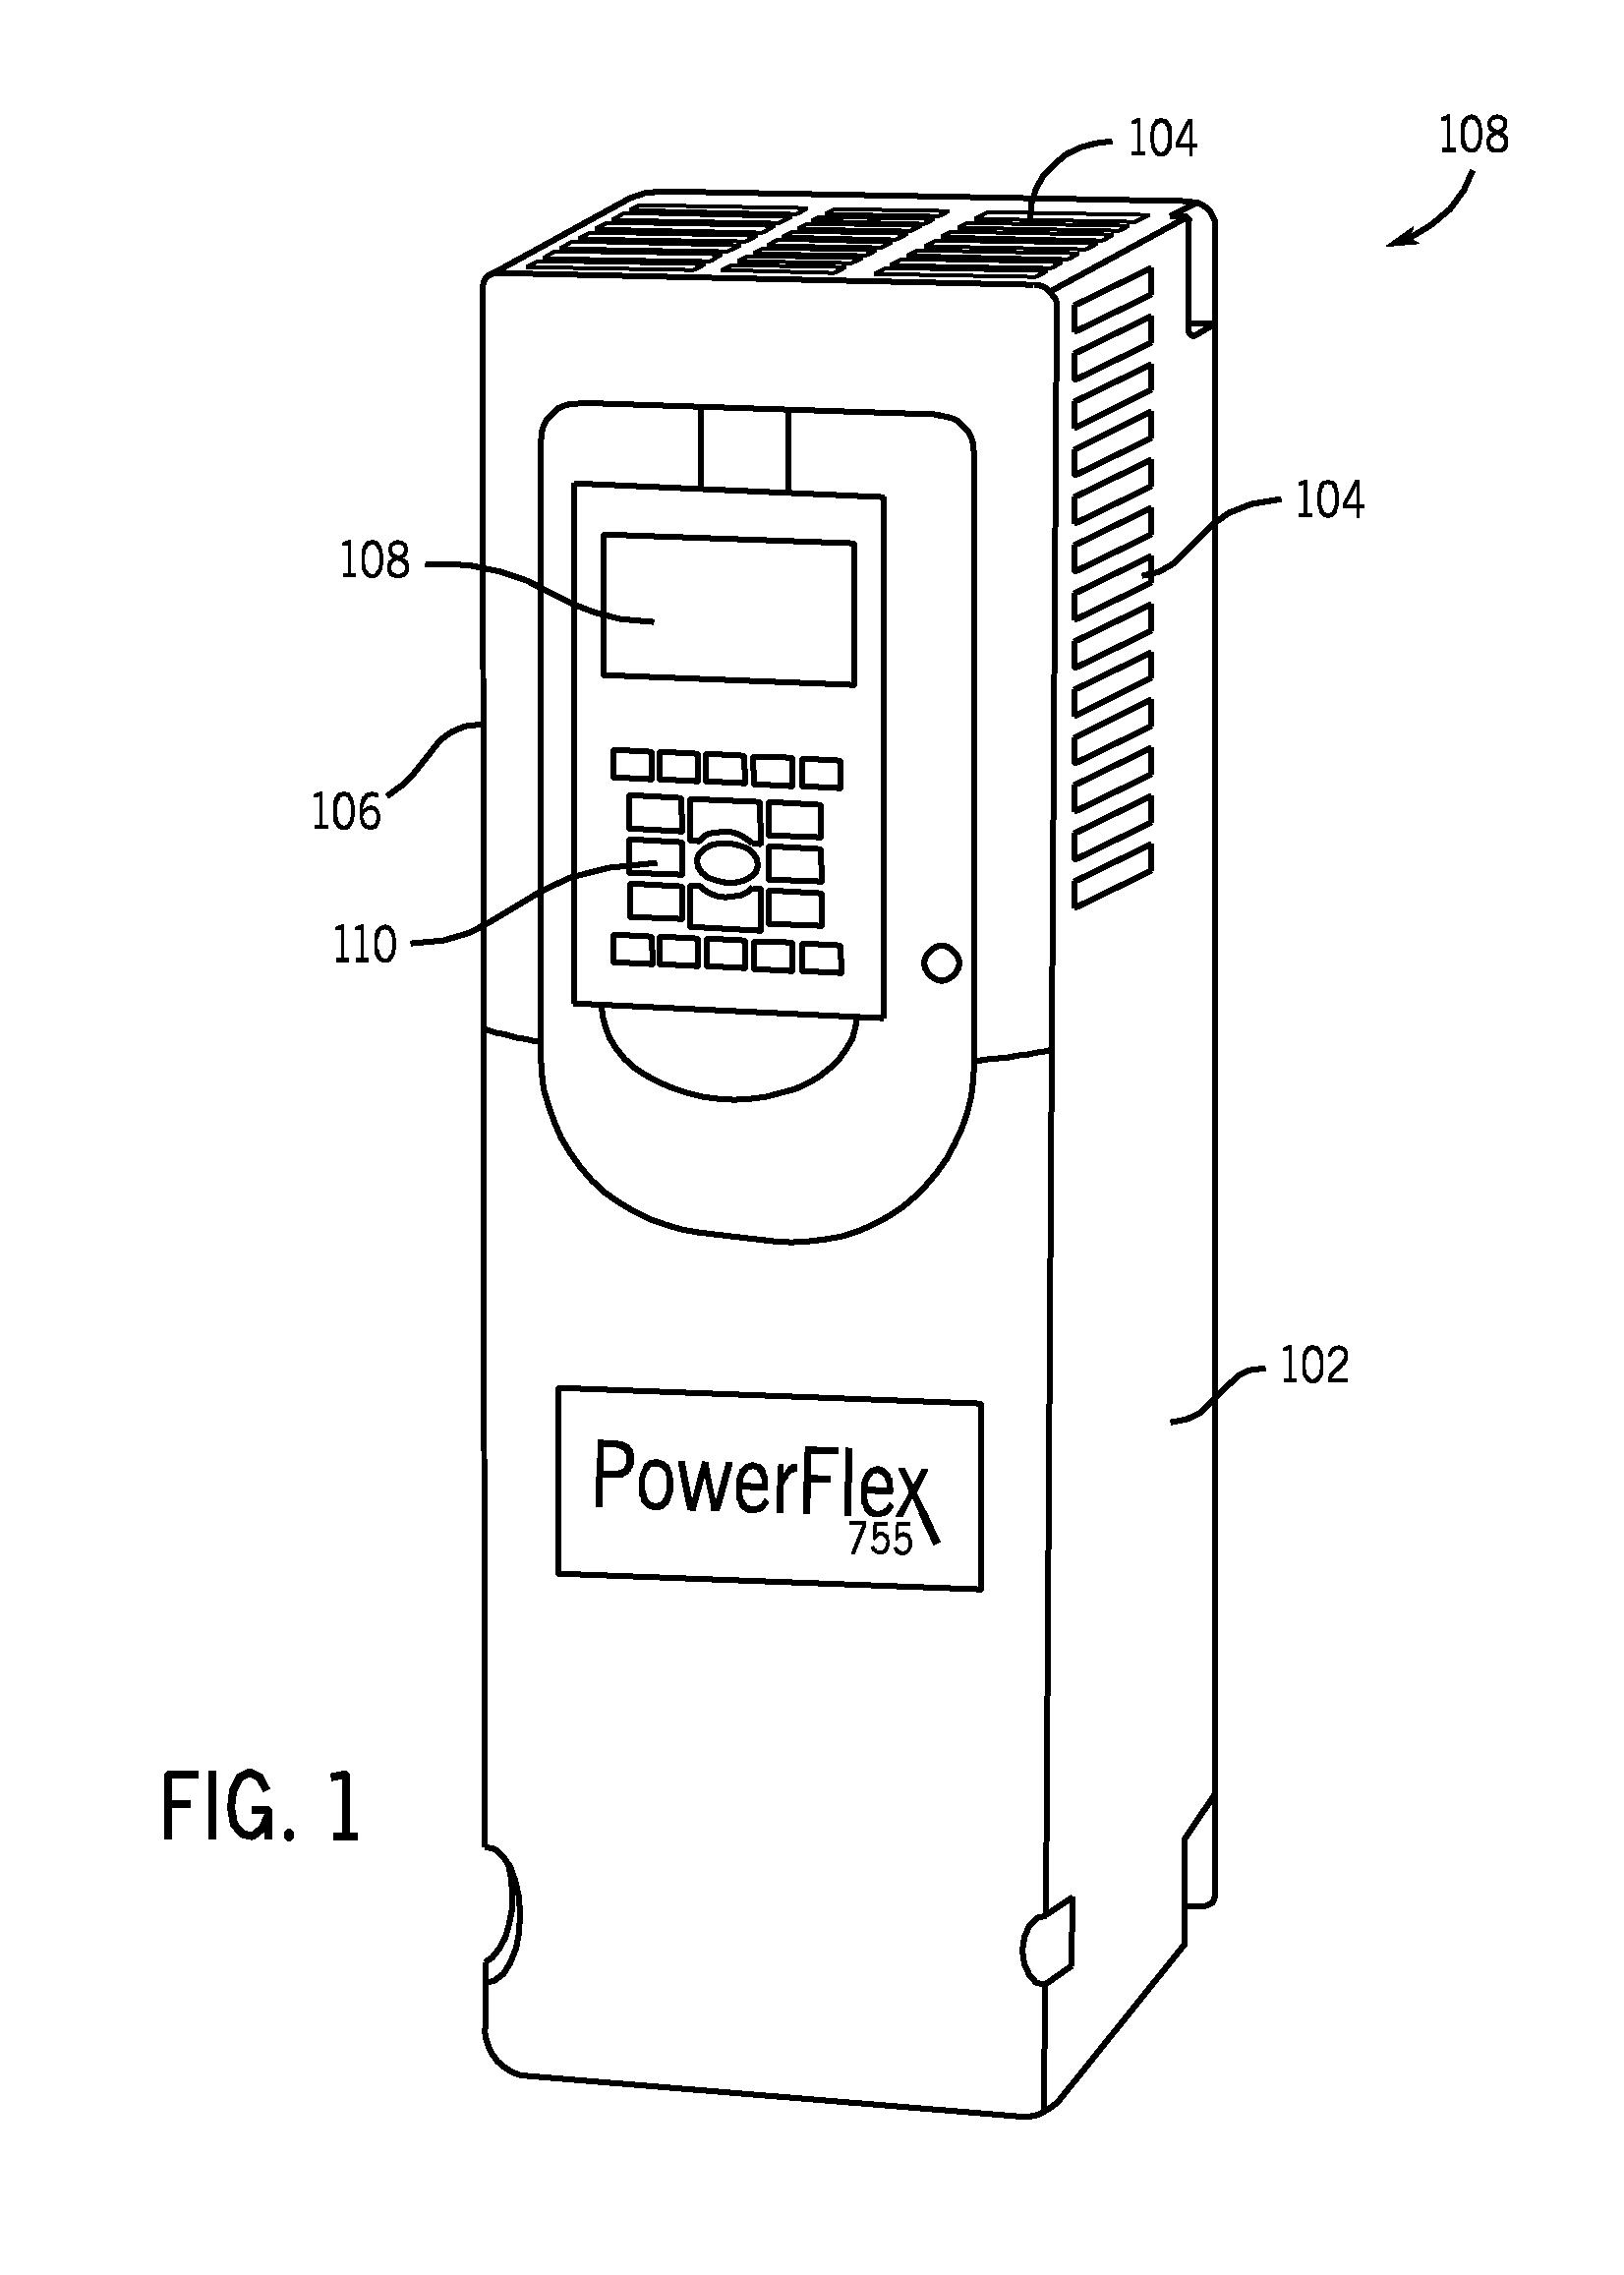 Powerflex 70 Wiring Motor Diagram